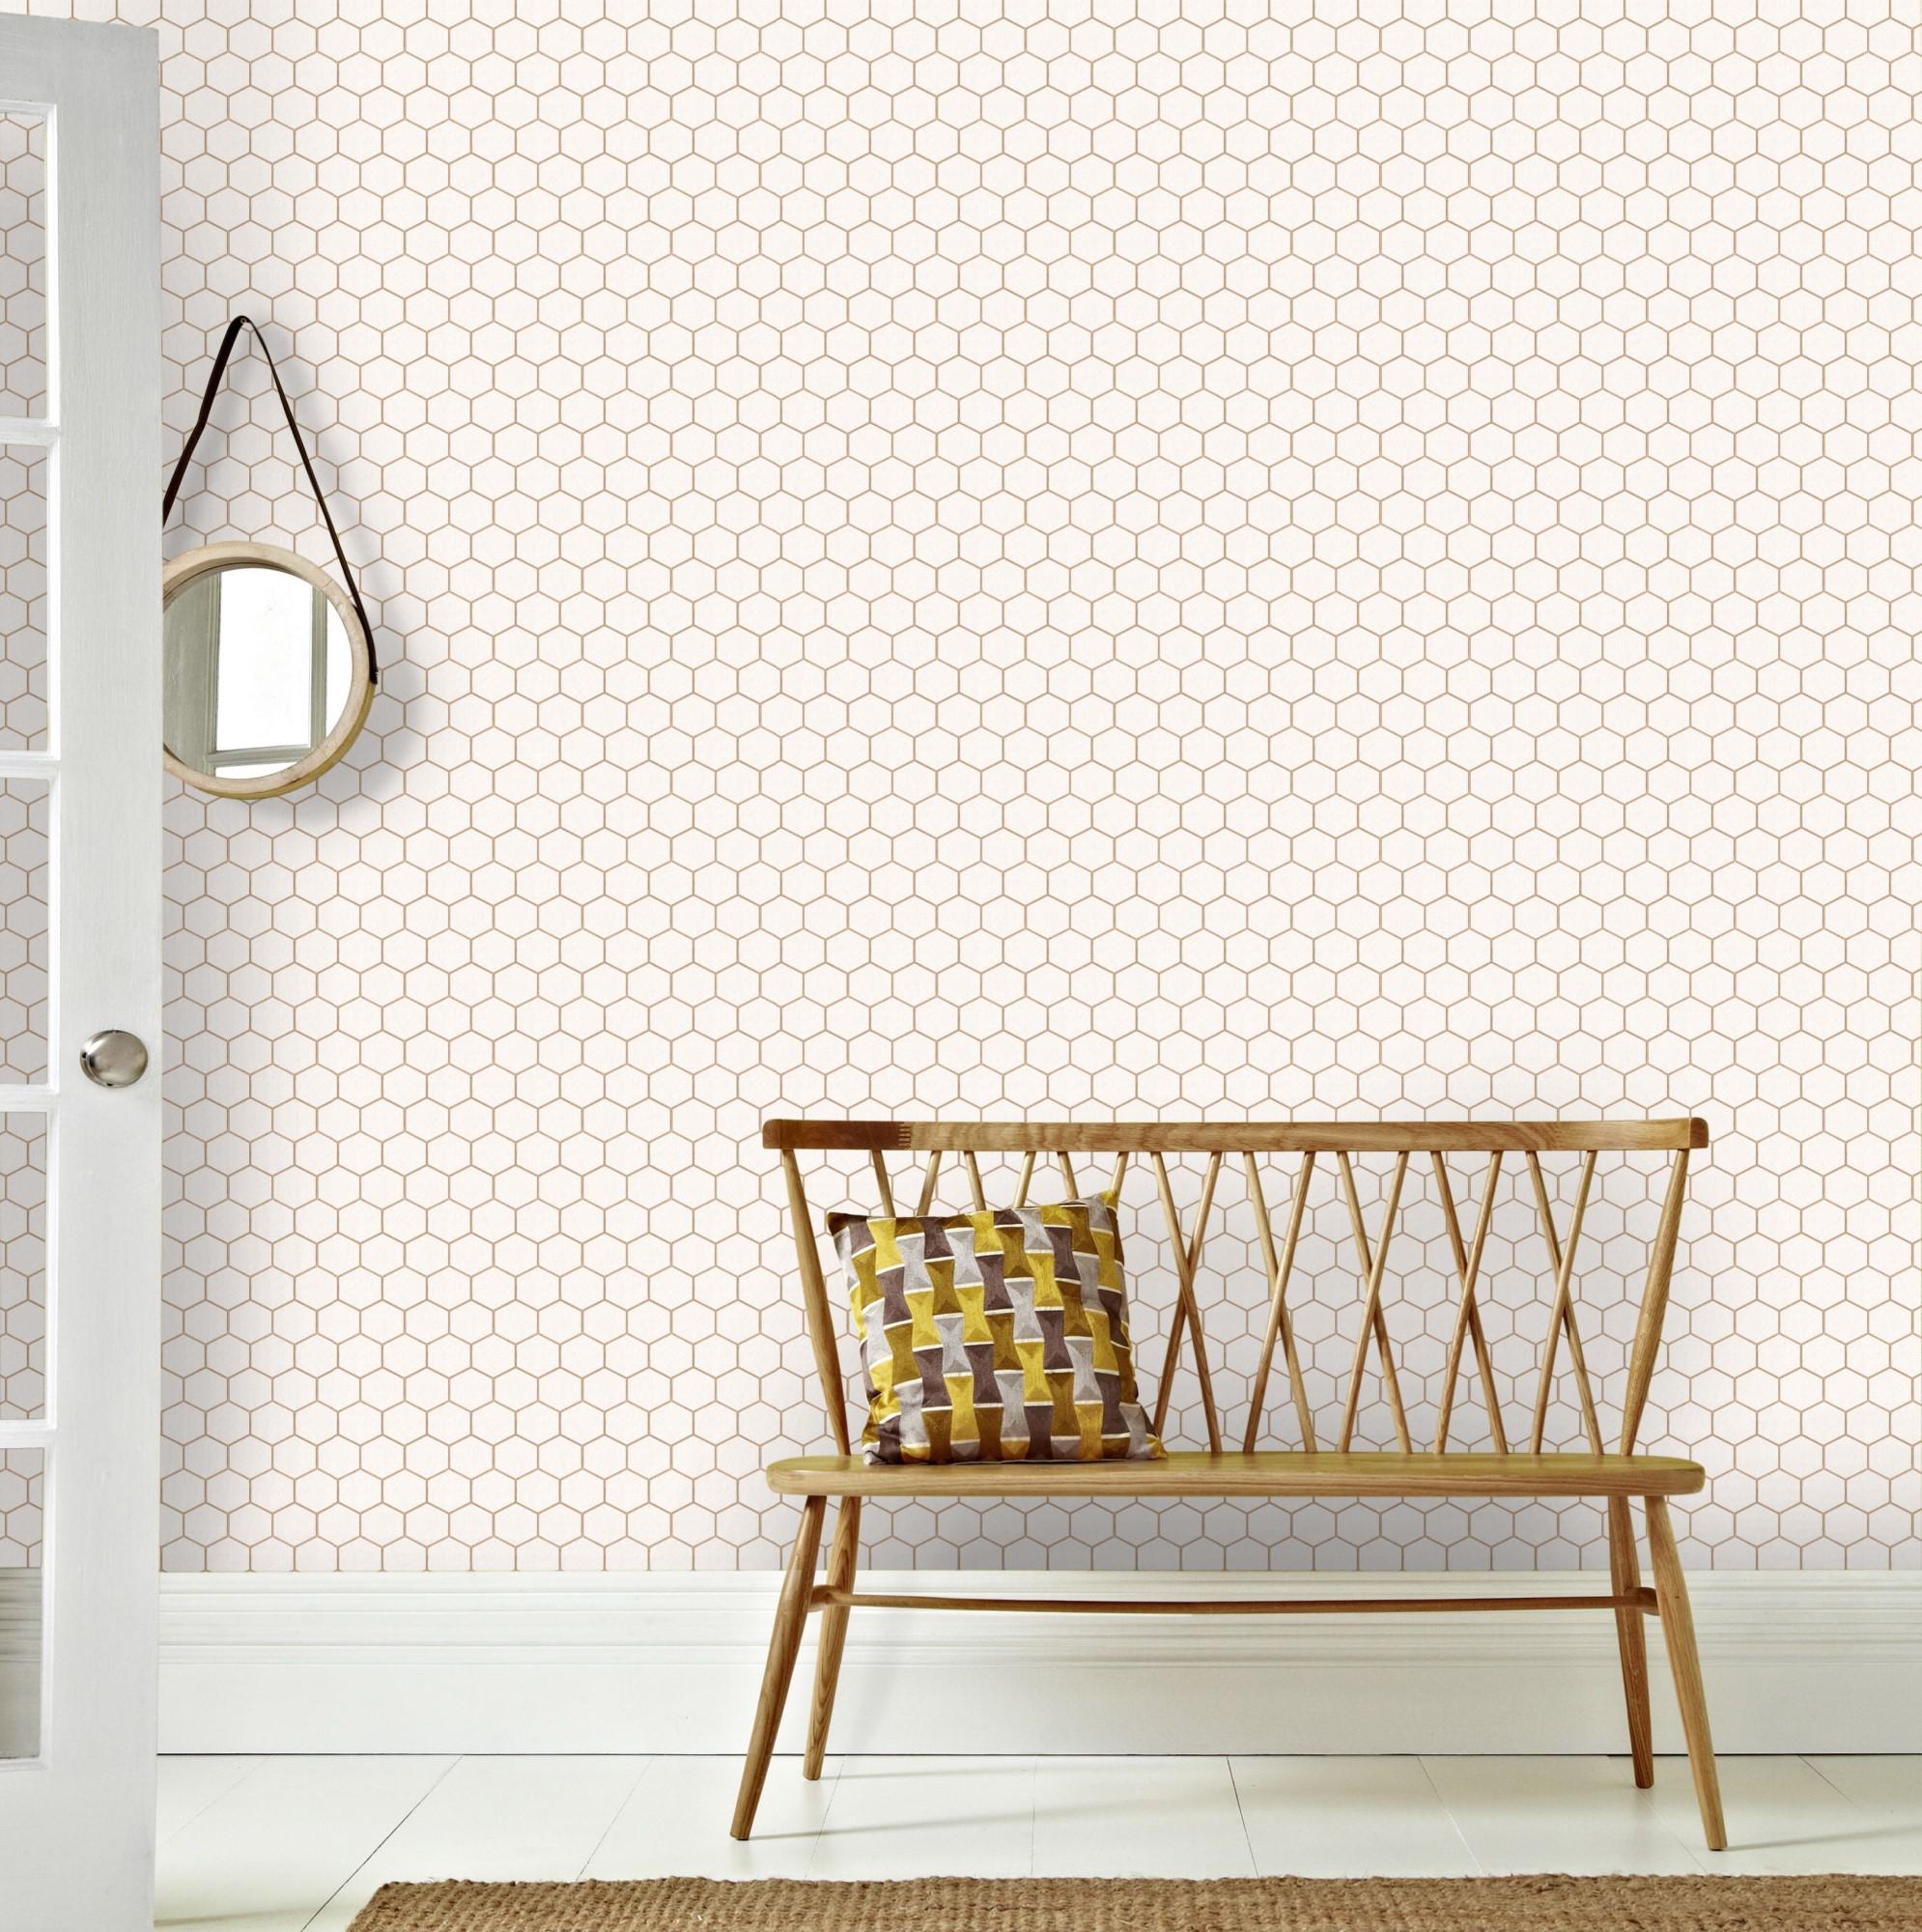 Papier peint intissé hexagone geo blanc cuivre or 1005x52cm